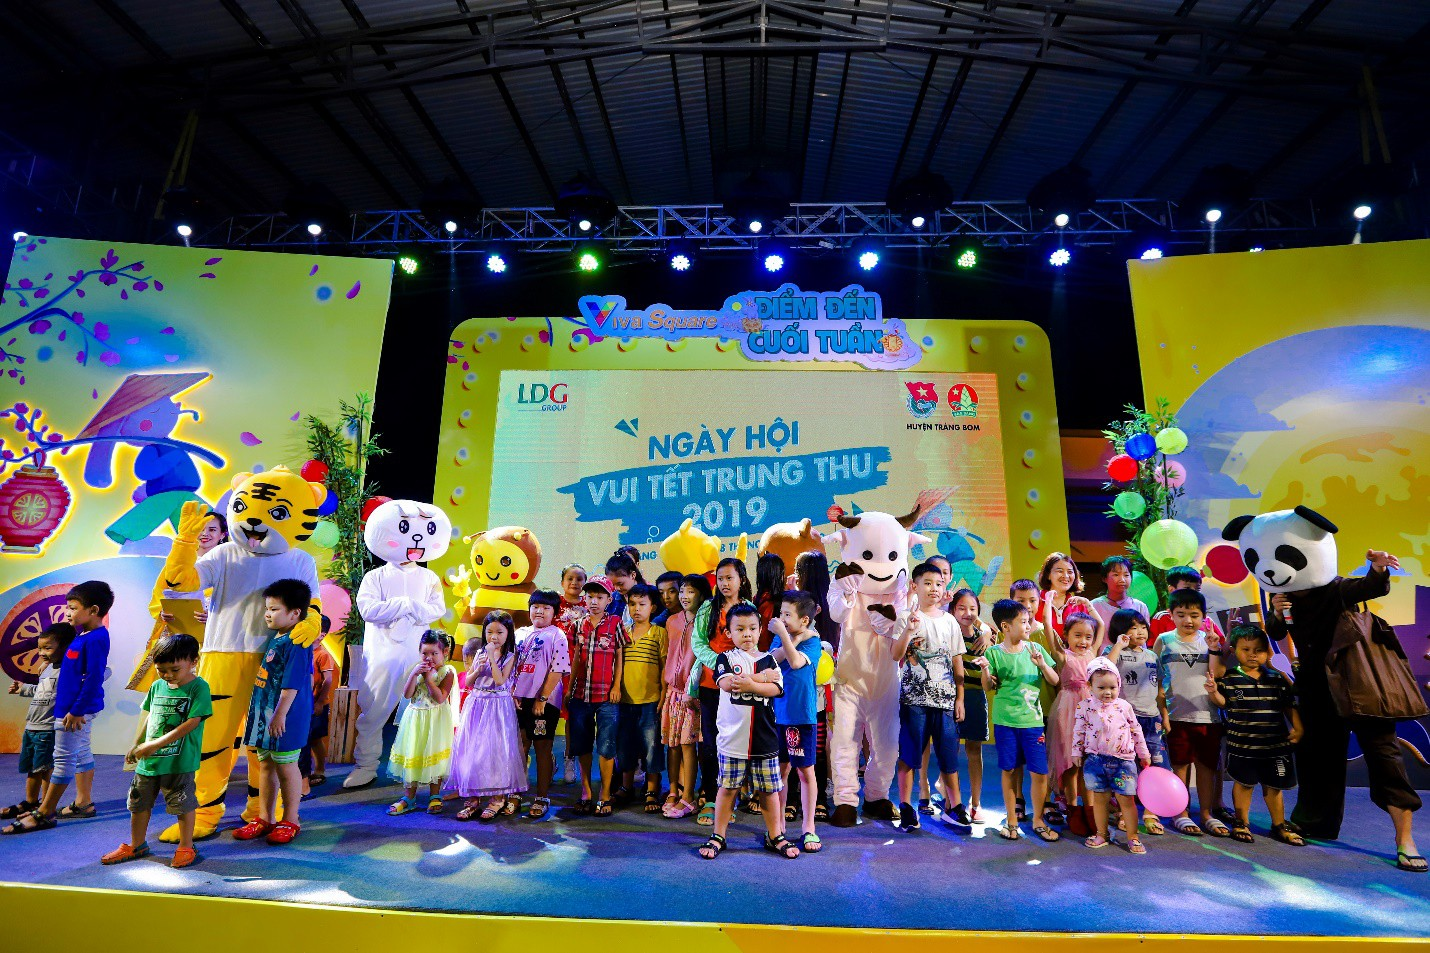 Tìm lại tuổi thơ với ngày hội Trung thu ở Viva Square - Ảnh 9.